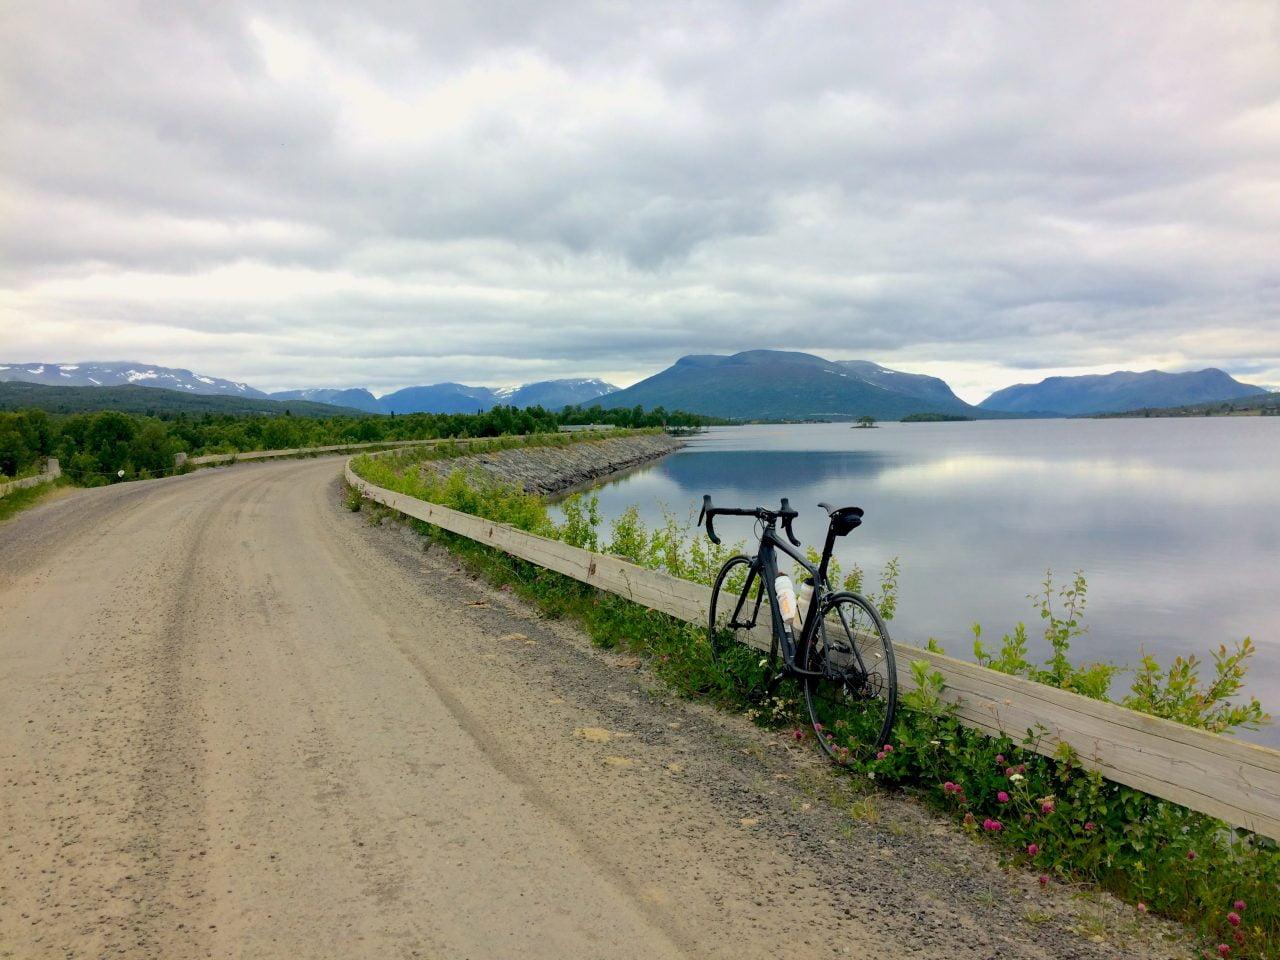 Hvor nydelig er det ikke her, til tross for overskyet vær? Panaoramavegen mellom Vadres og Hemsedal er ganske unik.